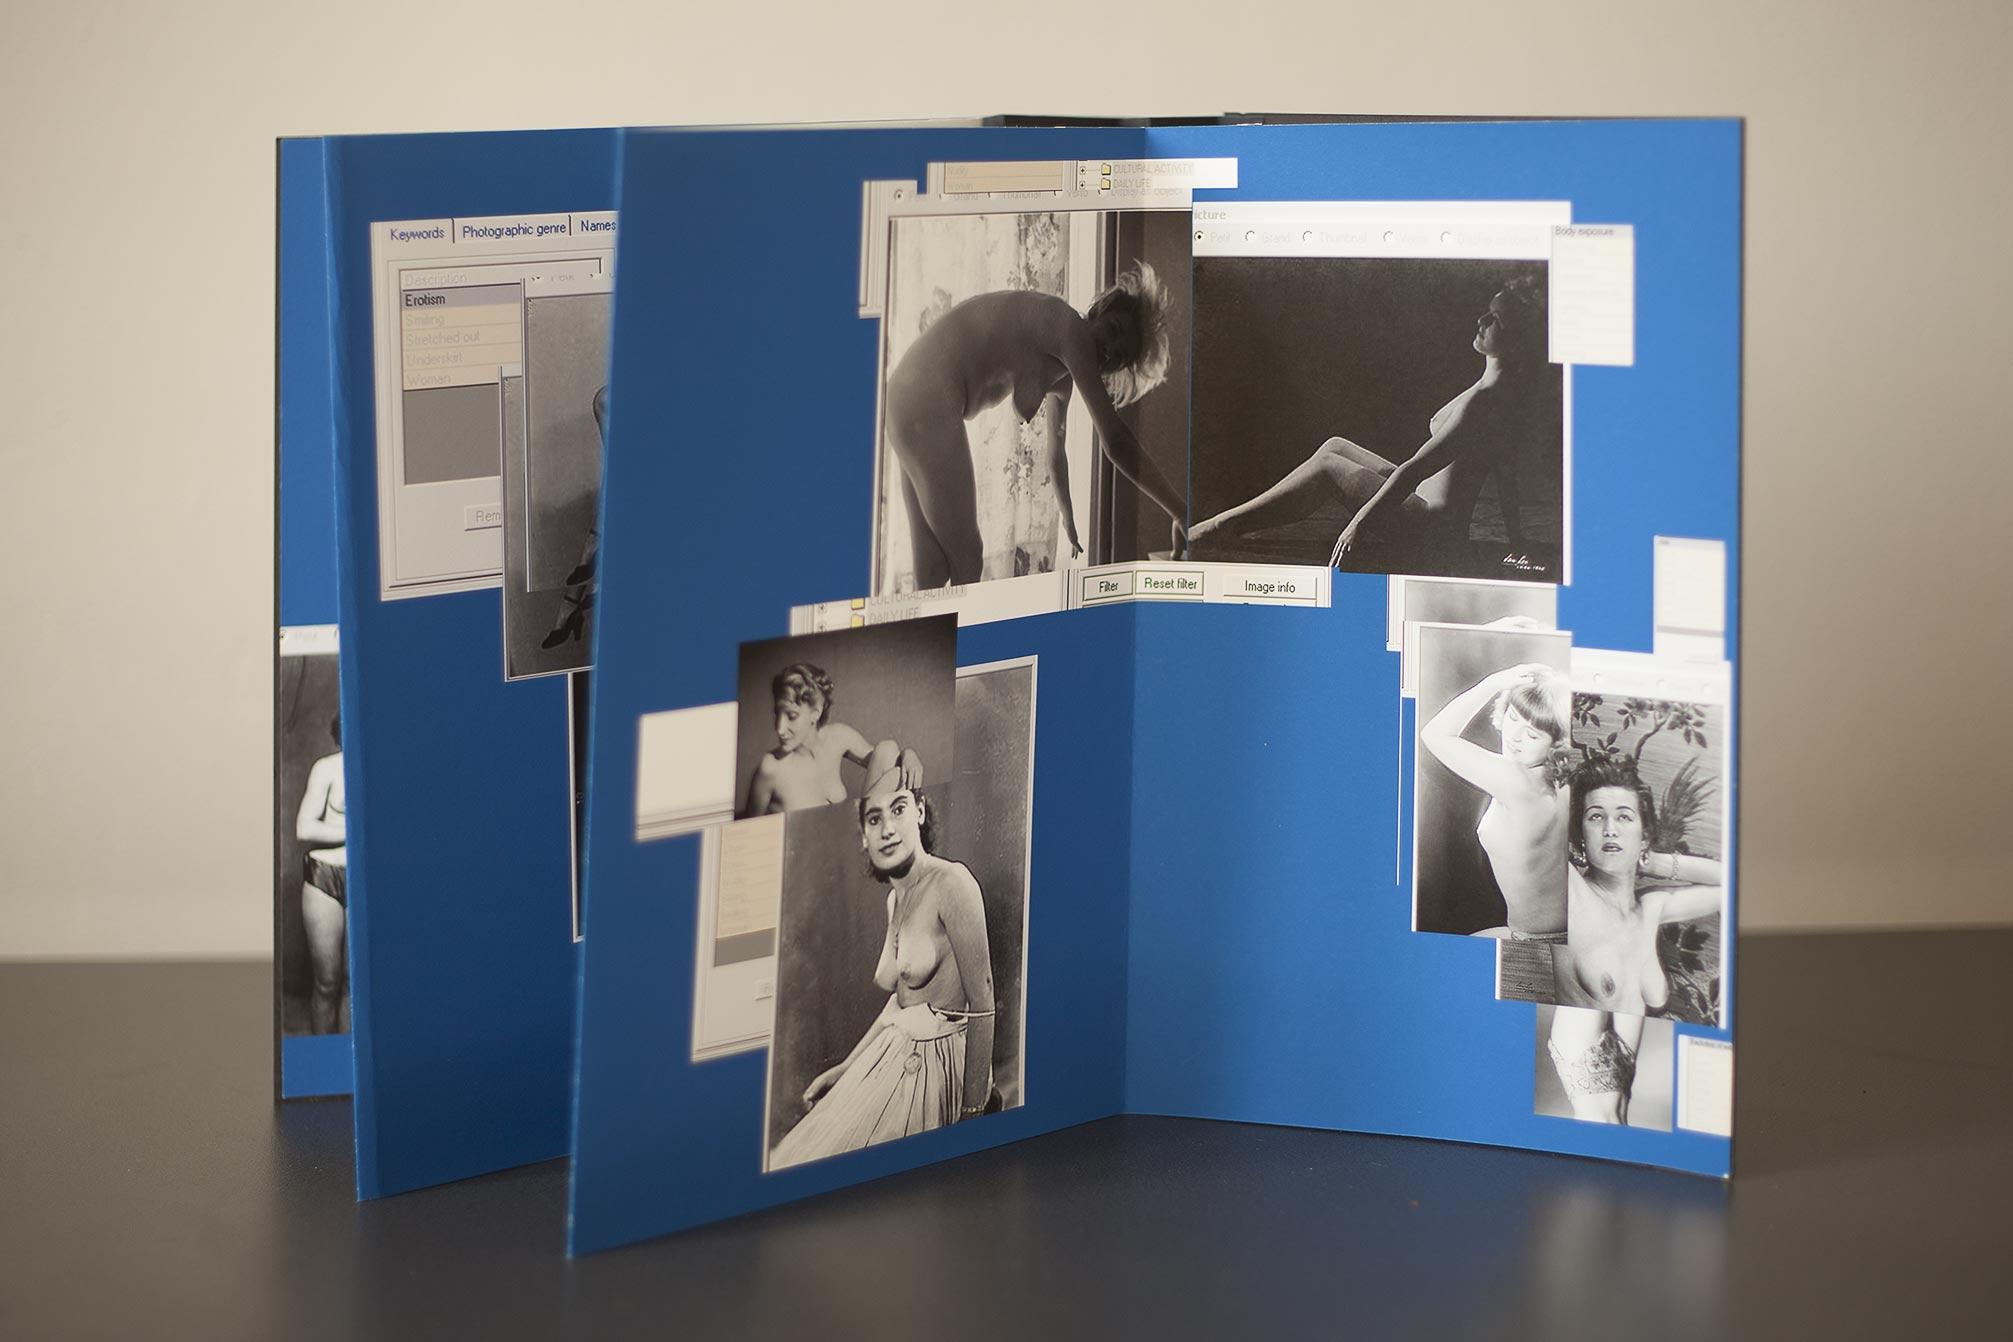 msdm-studio-sexndatabase-book-04